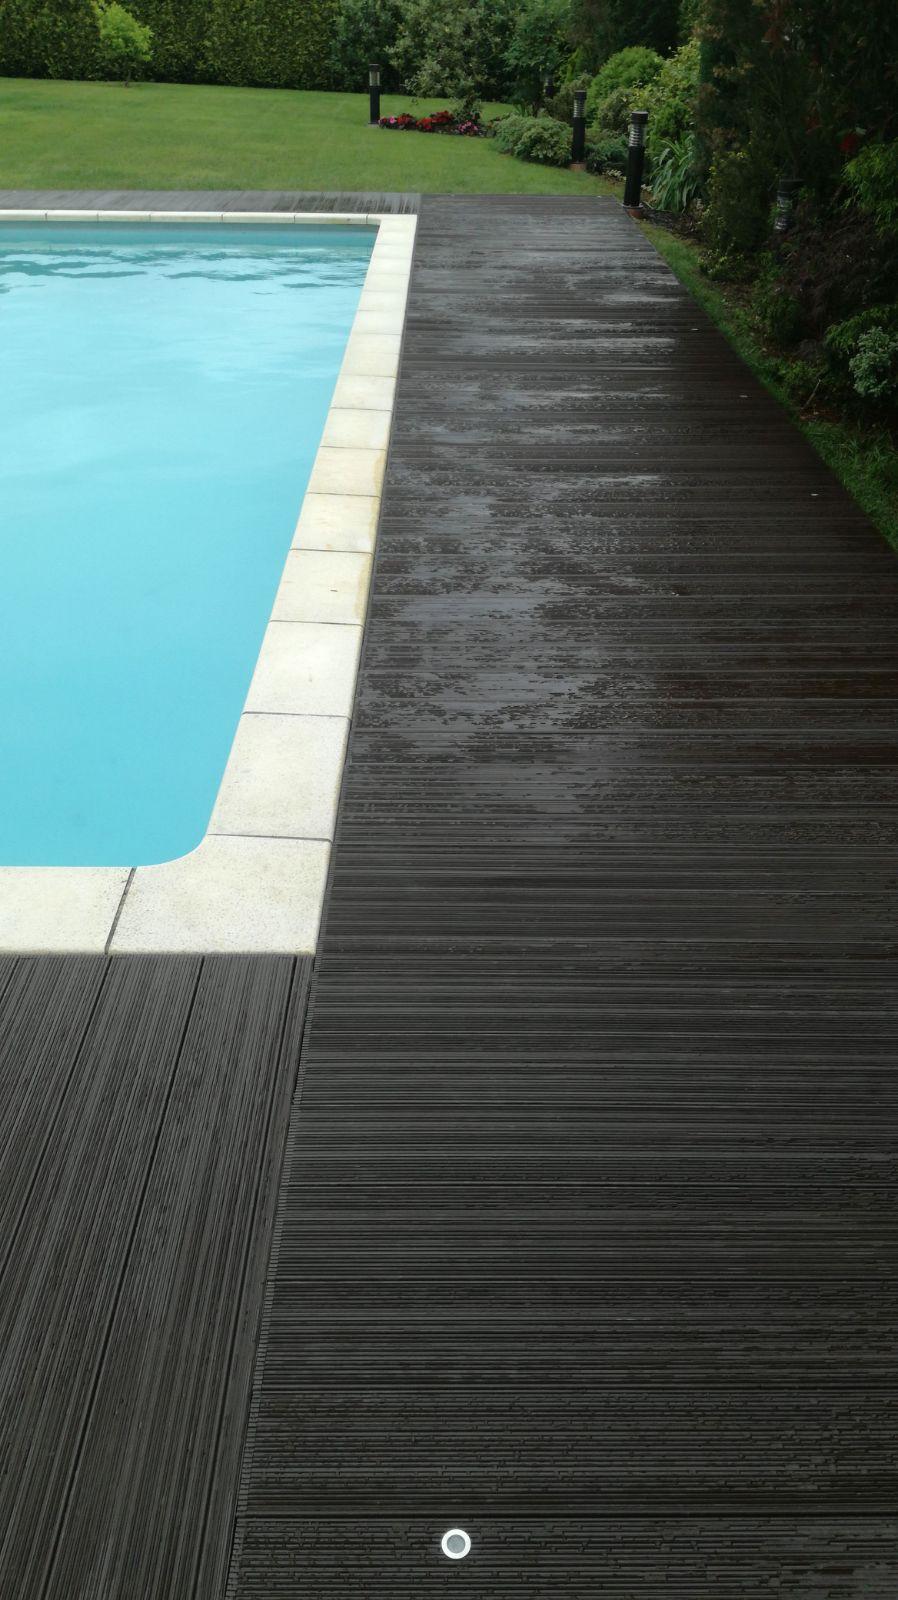 Suelo exterior piscina stunning bordes y suelos atrmicos for Suelo exterior piscina